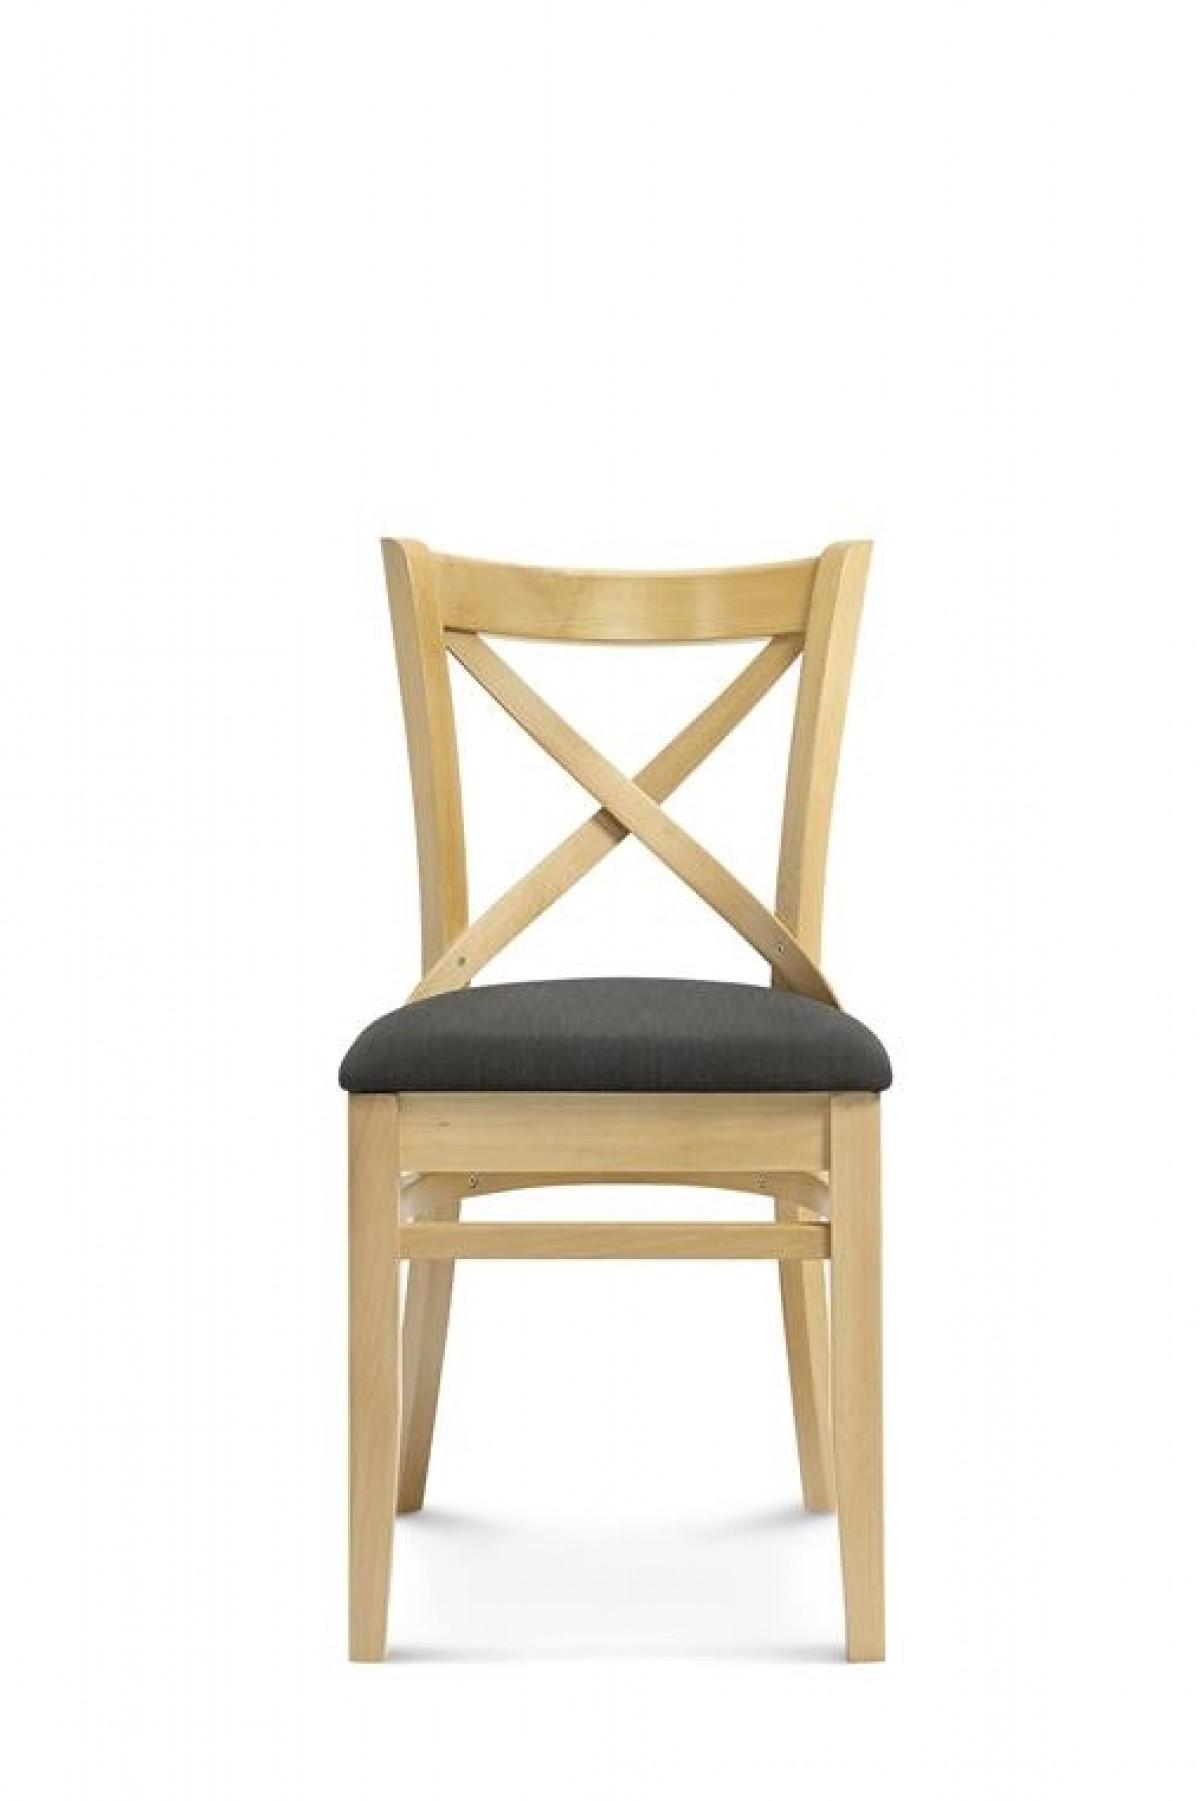 Lloyd Loom Stühle ist nett design für ihr haus ideen